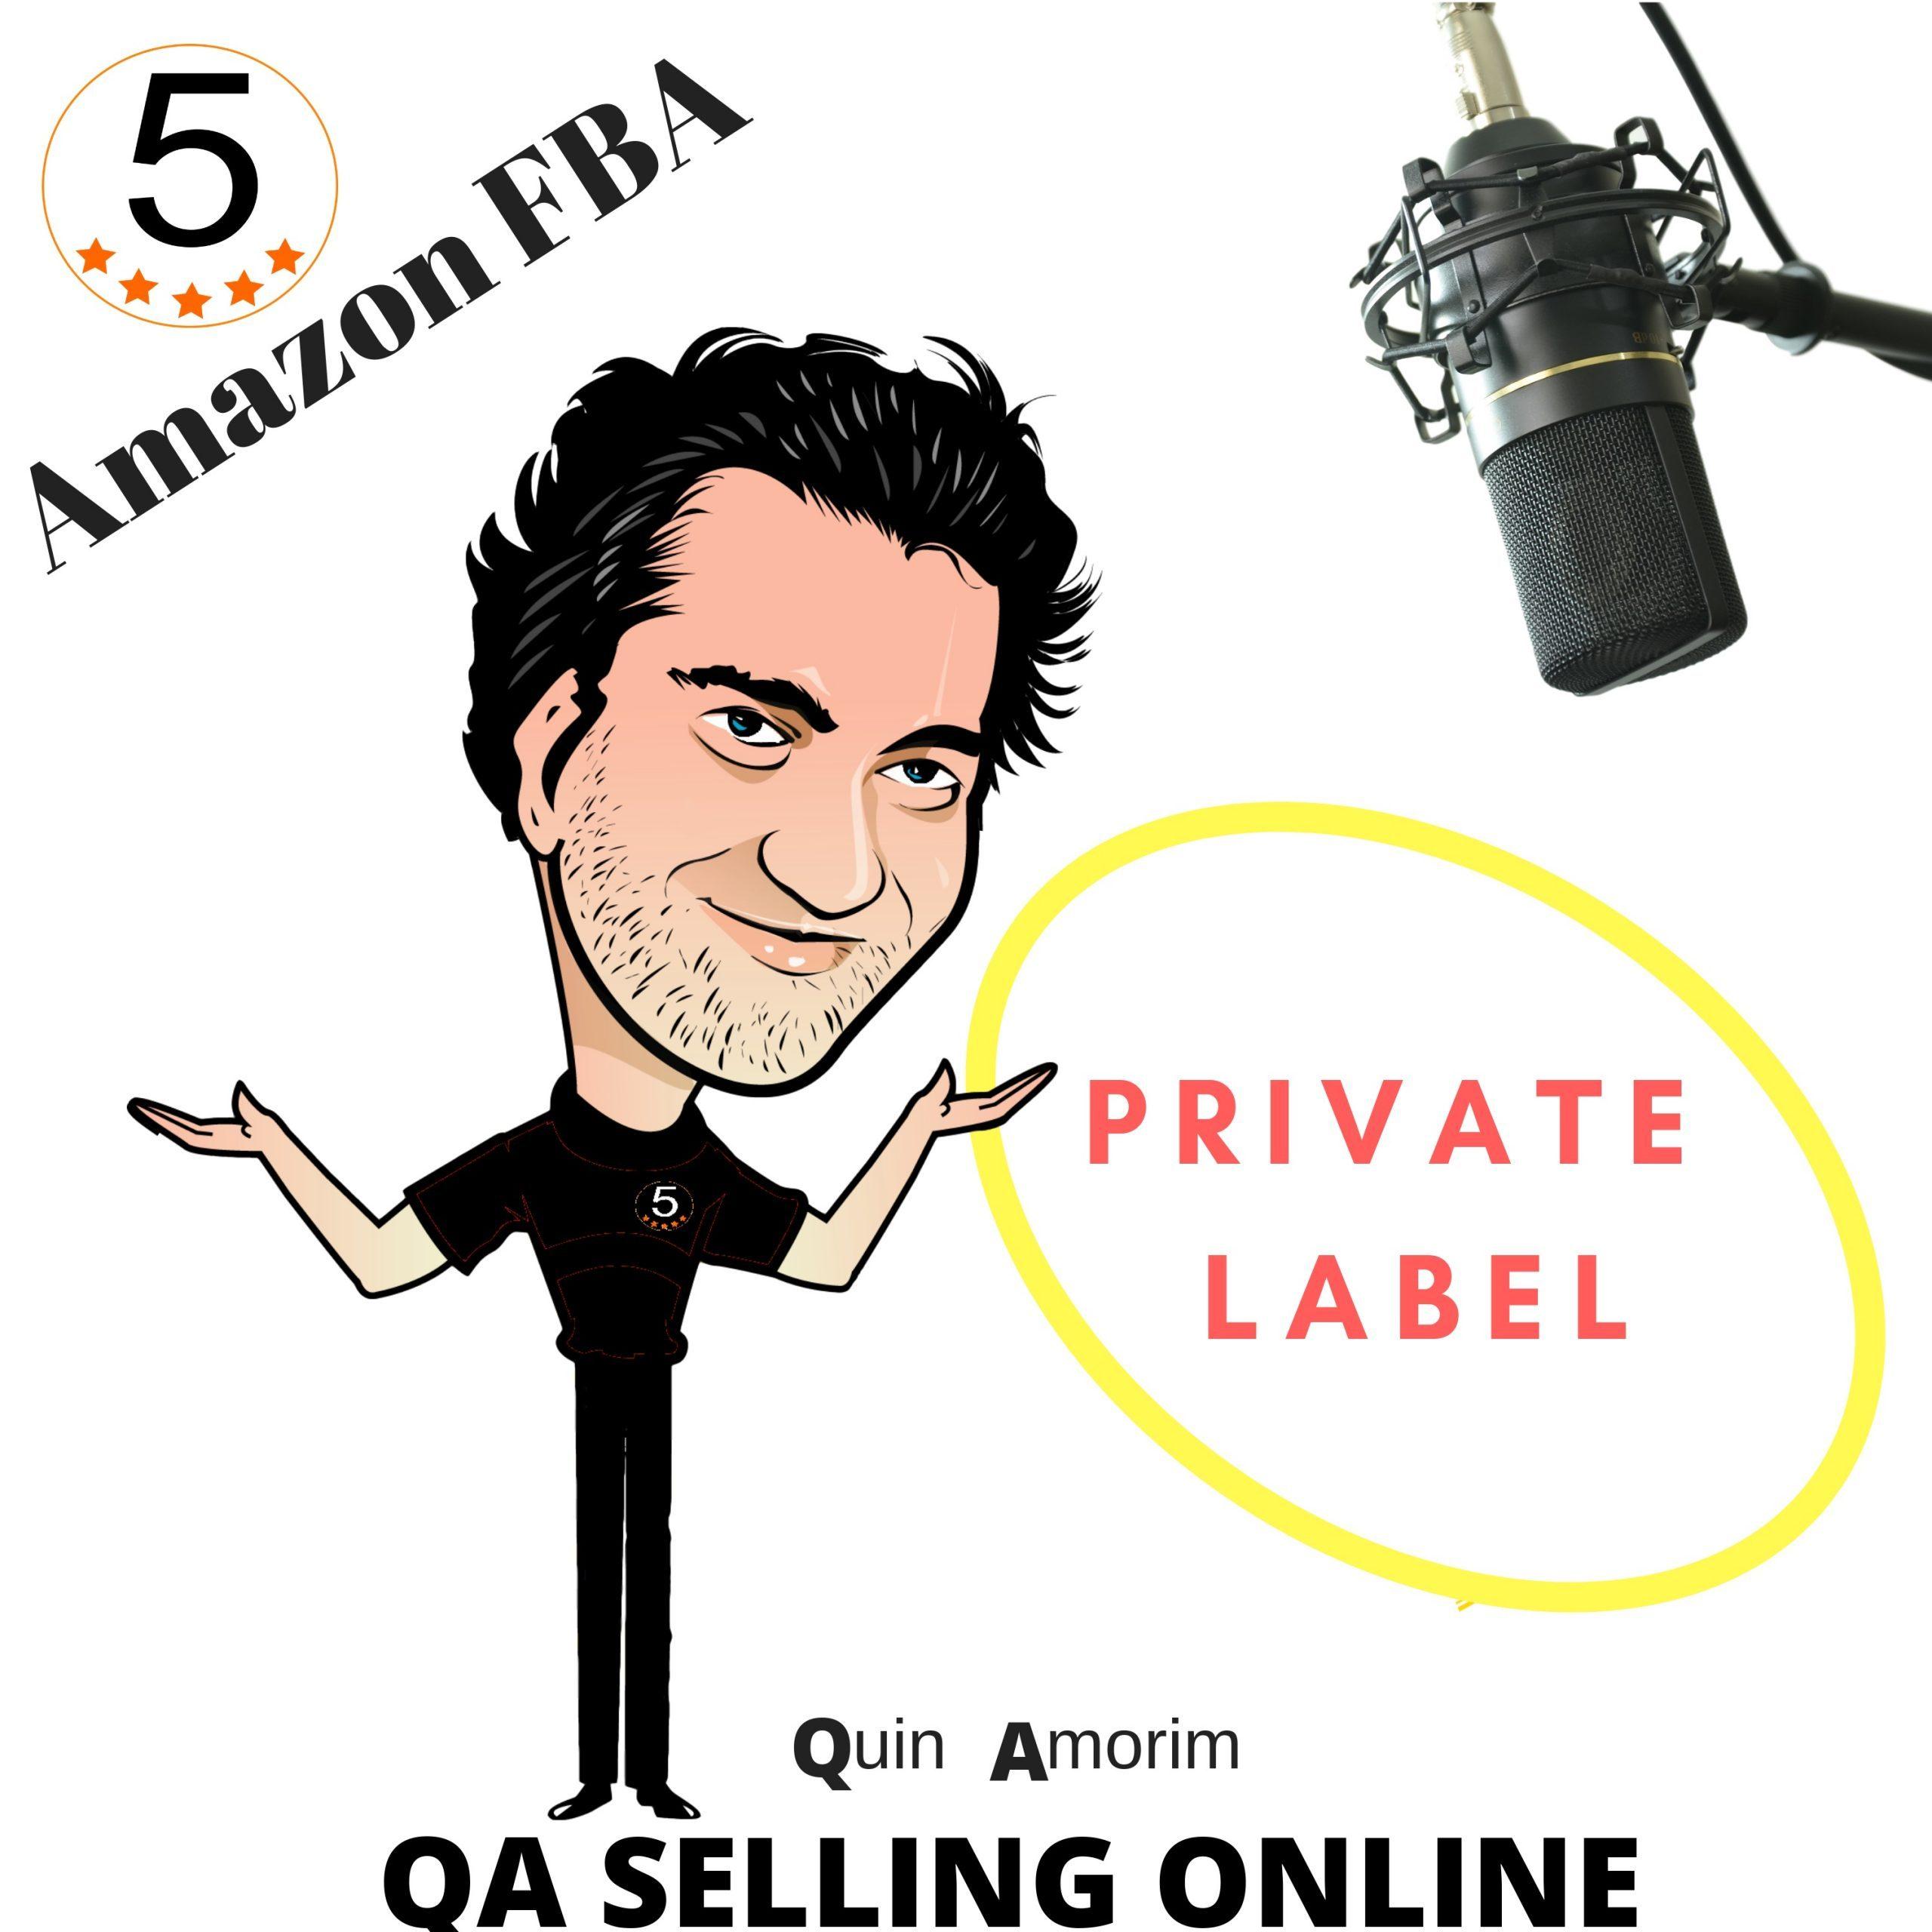 Amazon FBA Podcast